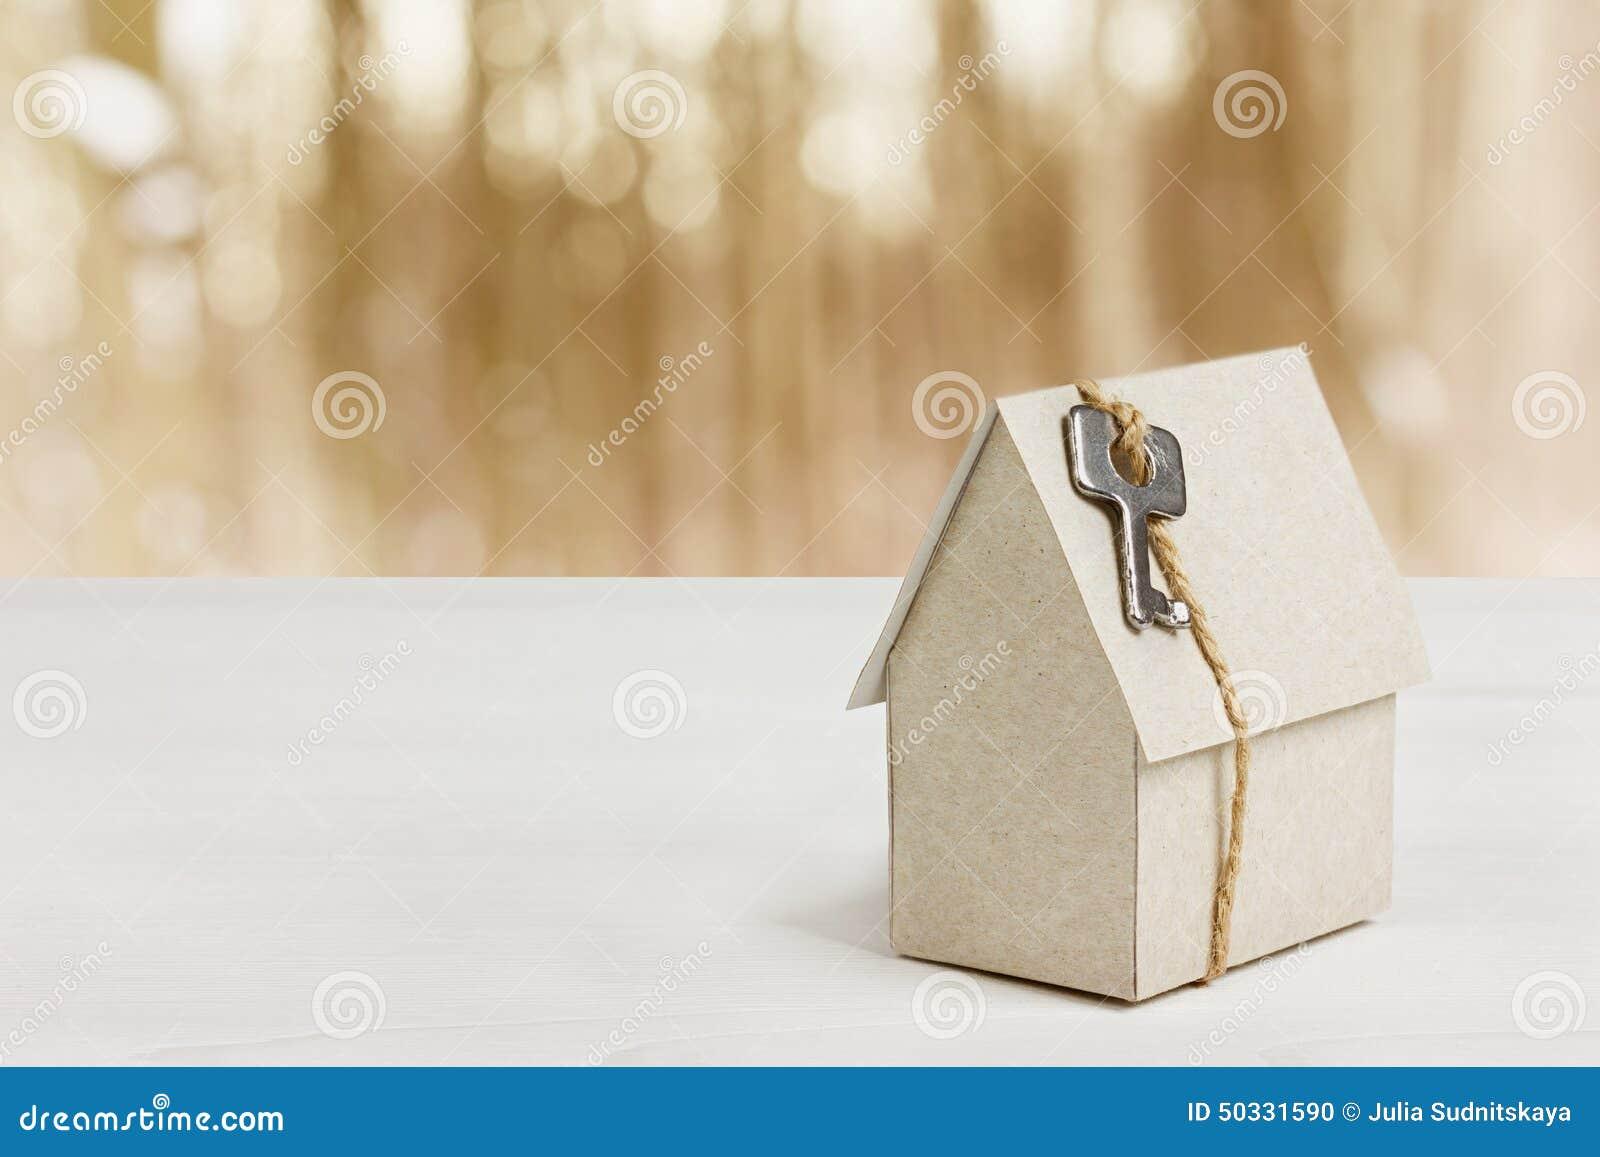 纸板房子模型有钥匙的反对bokeh背景 房屋建设、贷款、房地产或者购买一个新的家